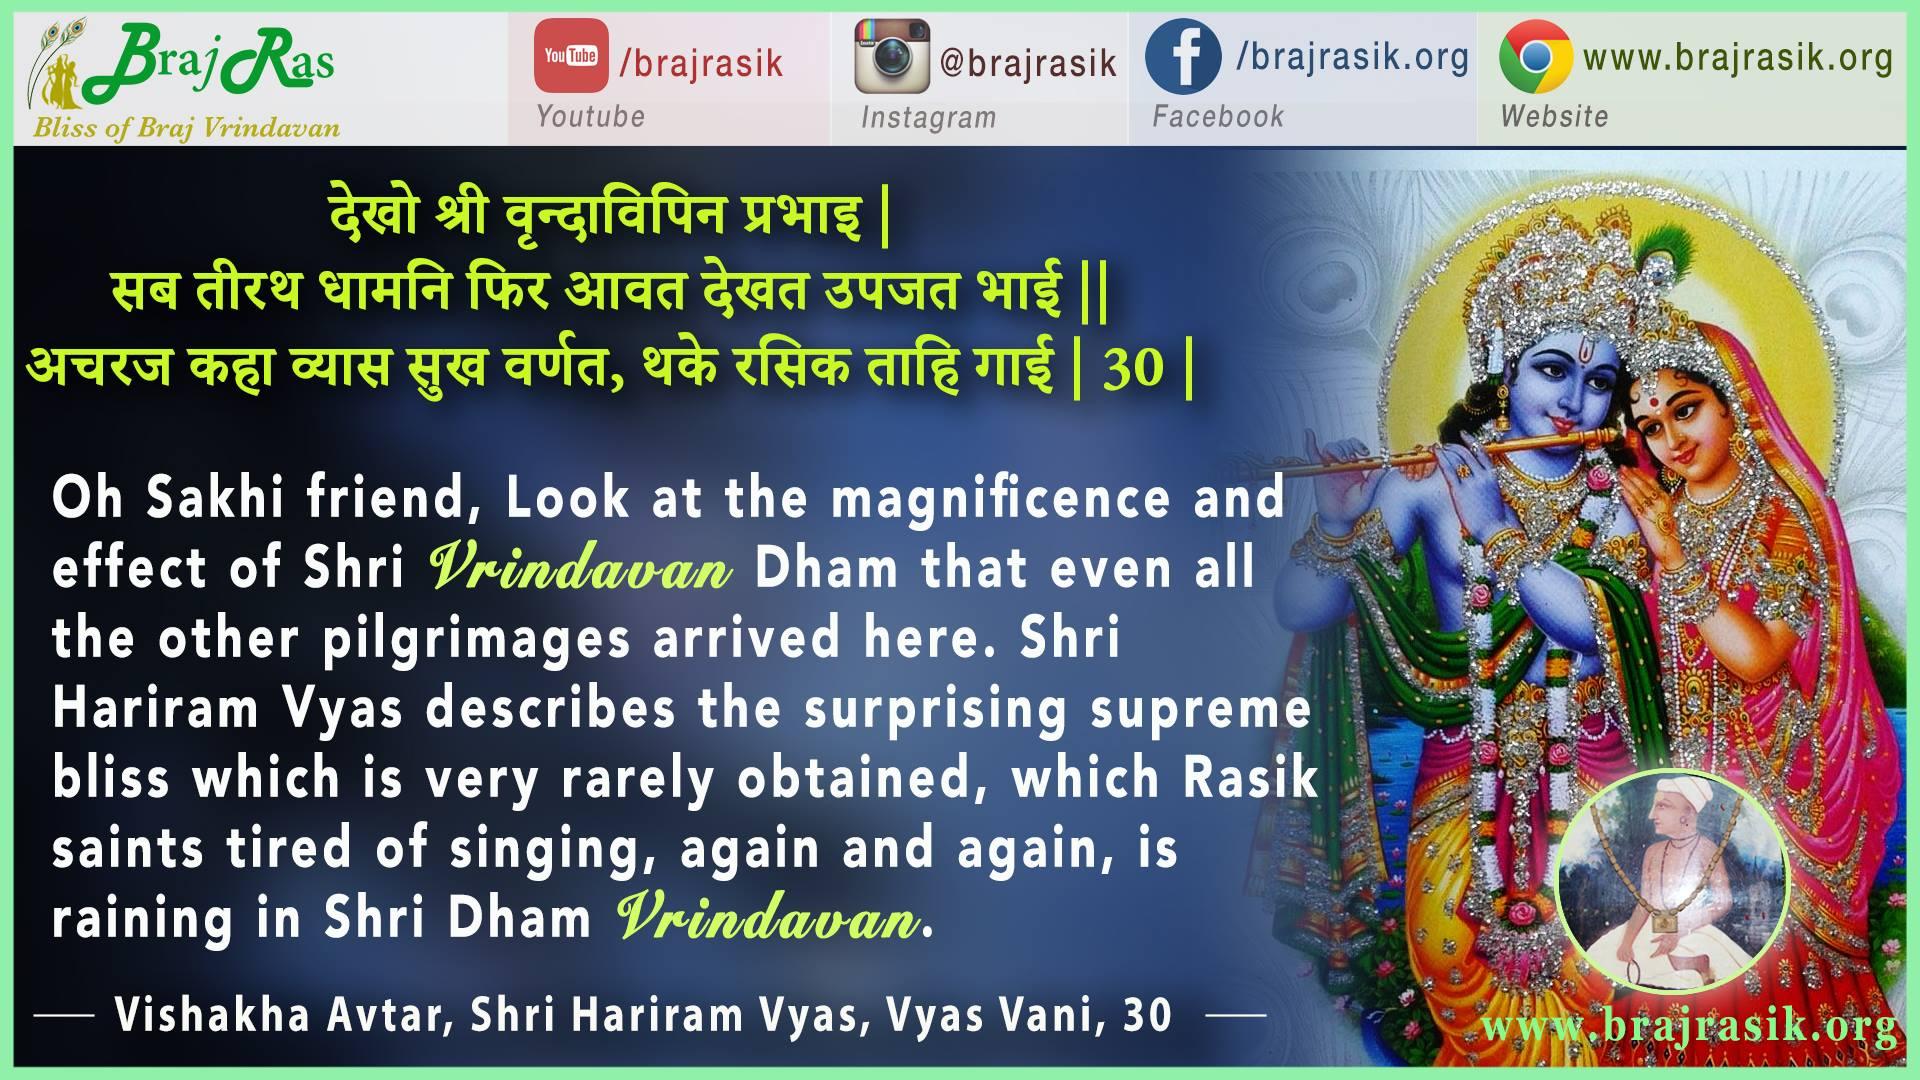 Dekho Shri Vrindavipin Prabhai -  Vishakha Avtar, Shri Hariram Vyas, Vyas Vani